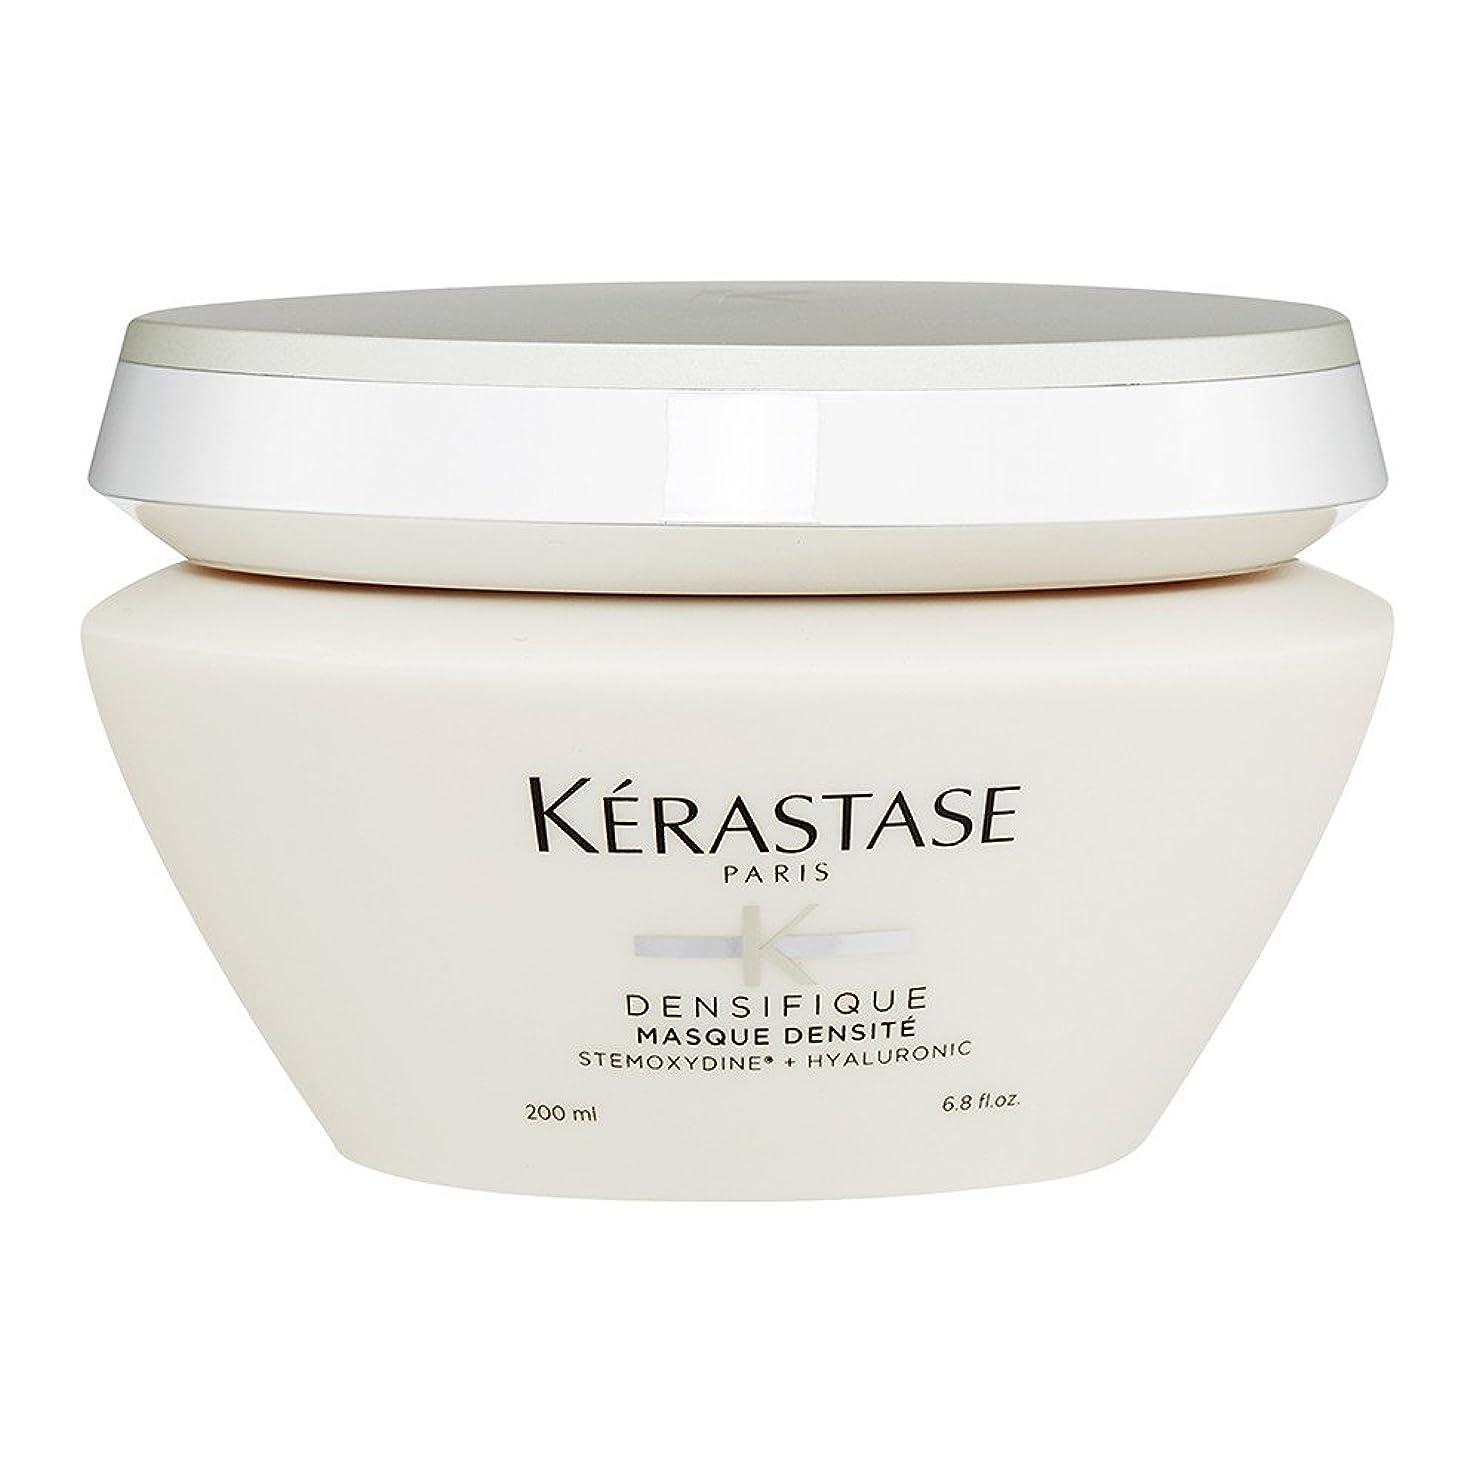 意外非効率的な気を散らすケラスターゼ(KERASTASE) DS マスク デンシフィック 200ml [並行輸入品]